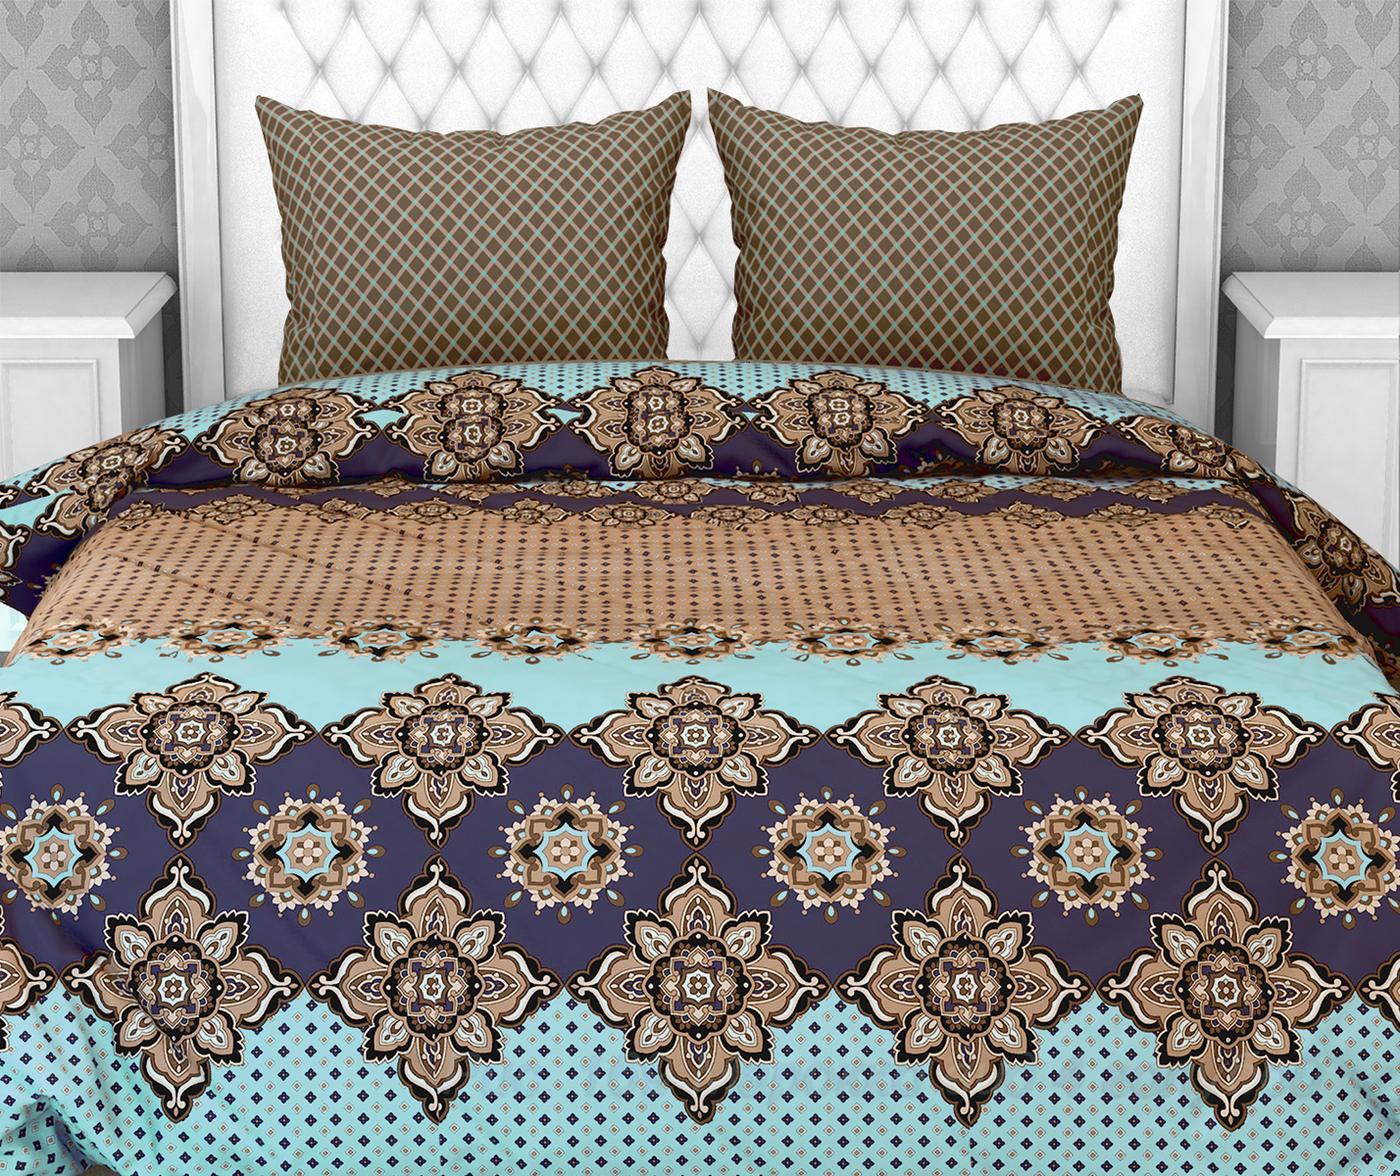 Комплект постельного белья Галтекс Комфорт Компаньон: Марокко бирюзовый / Виши коричневый 2-х спальный, Бязь, наволочки 70x70